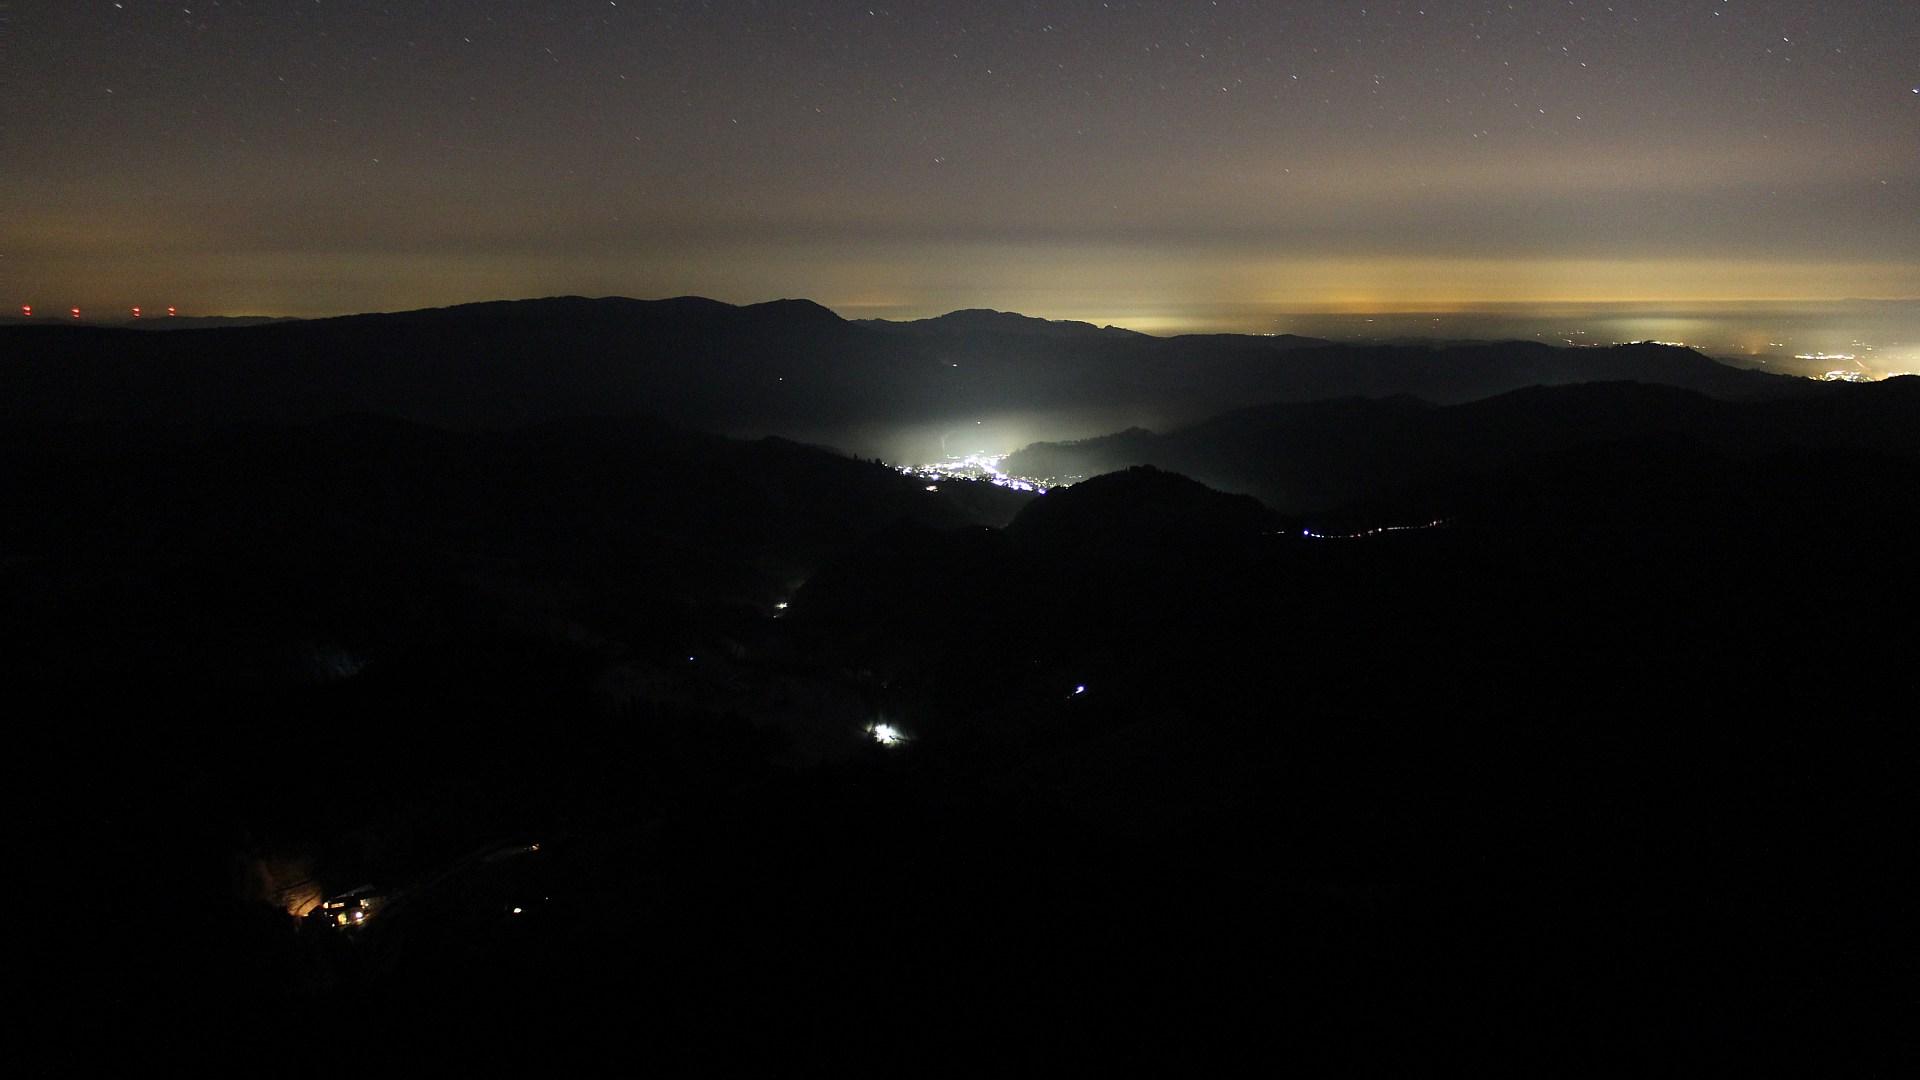 Aufnahme: Buchkopfturm vom 24.01.2020 05:00